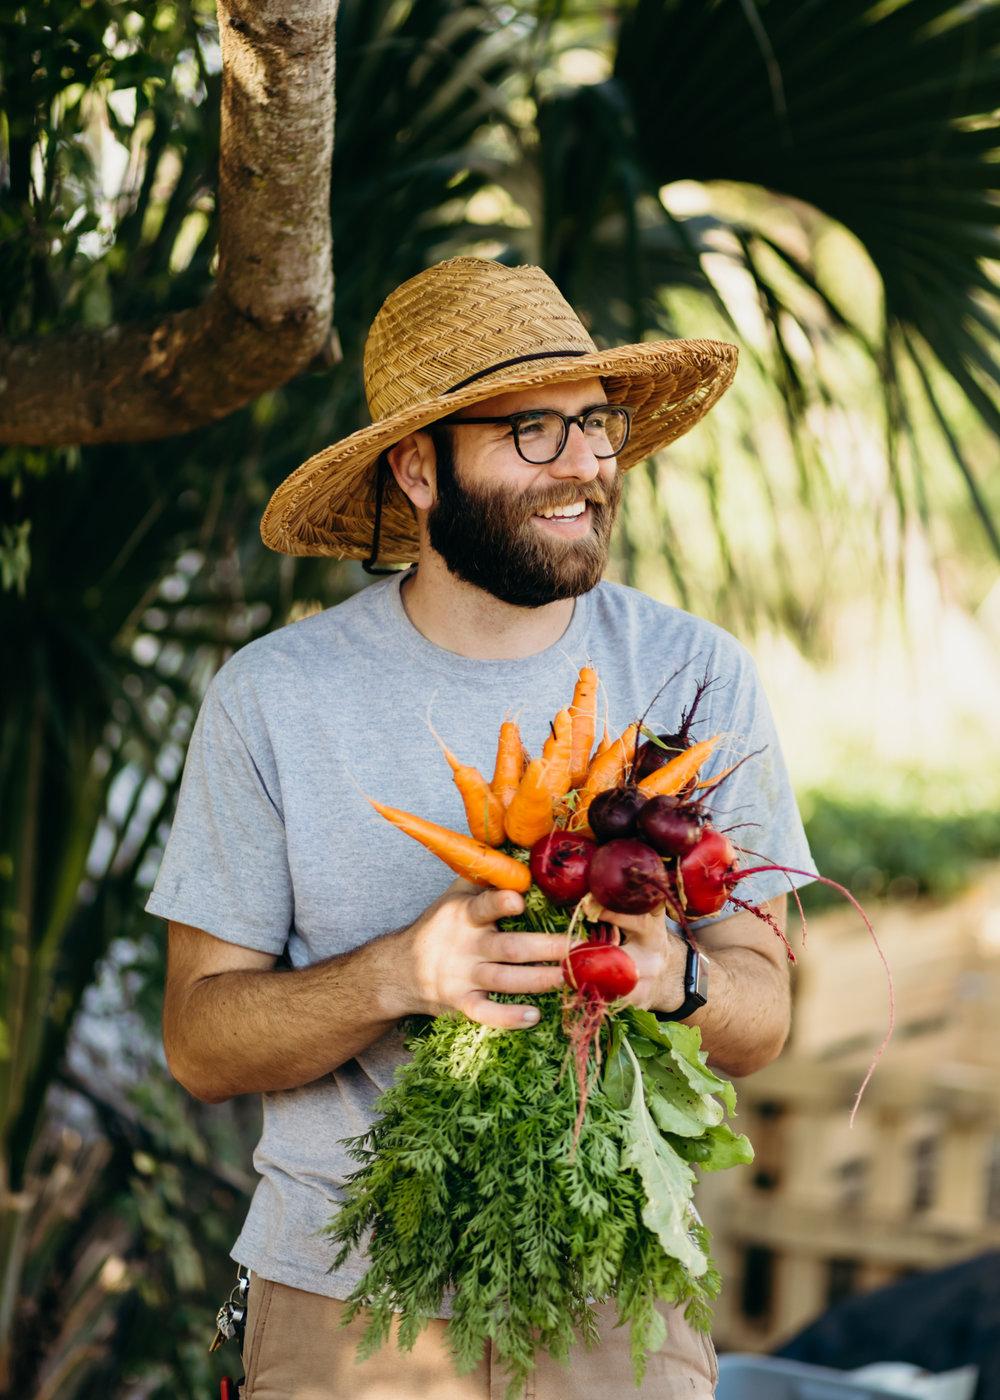 Executive Director, Farmer